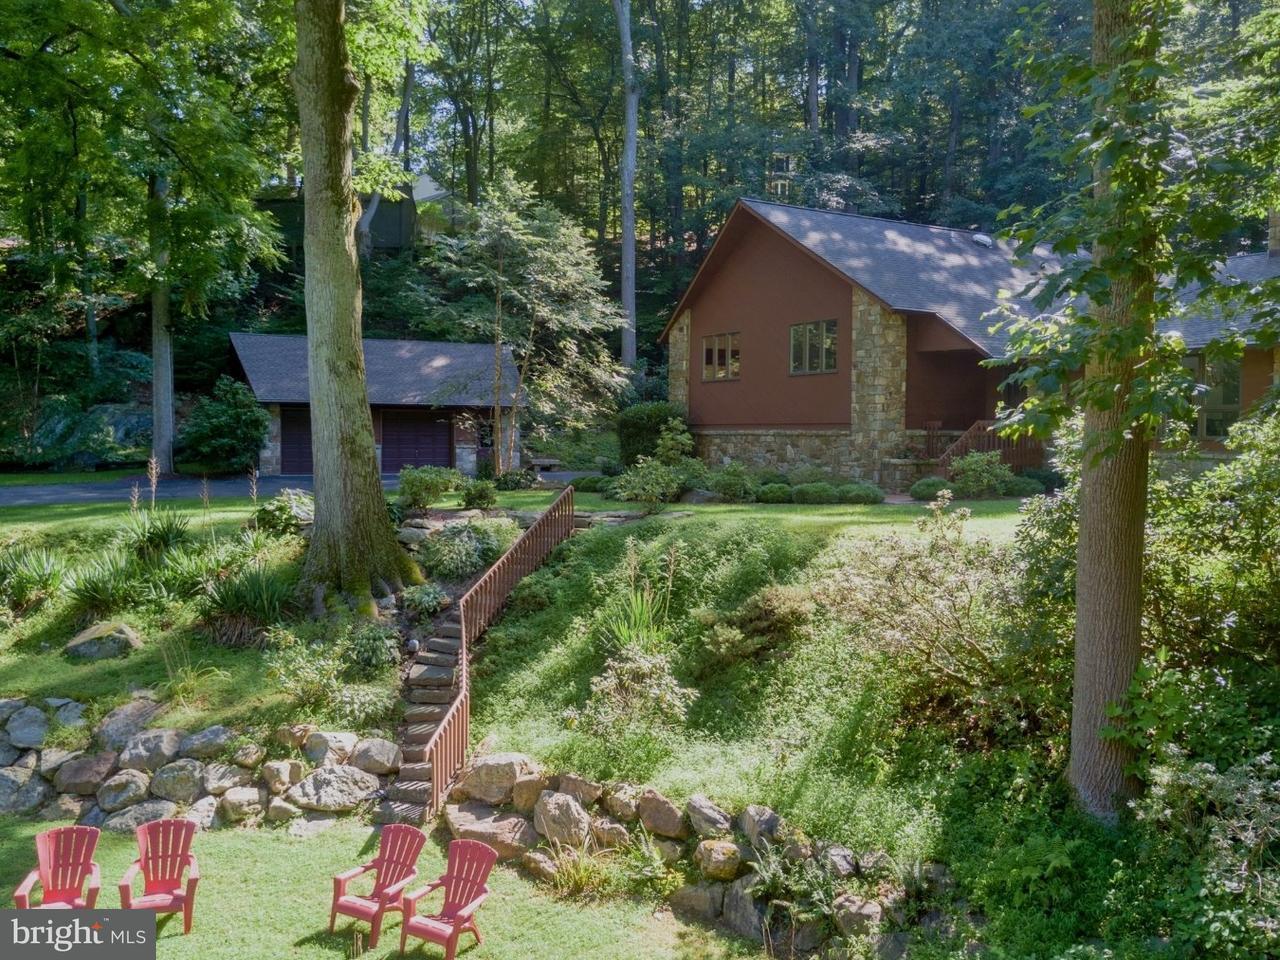 Частный односемейный дом для того Продажа на 1215 DOWLIN FORGE Road Downingtown, Пенсильвания 19335 Соединенные Штаты